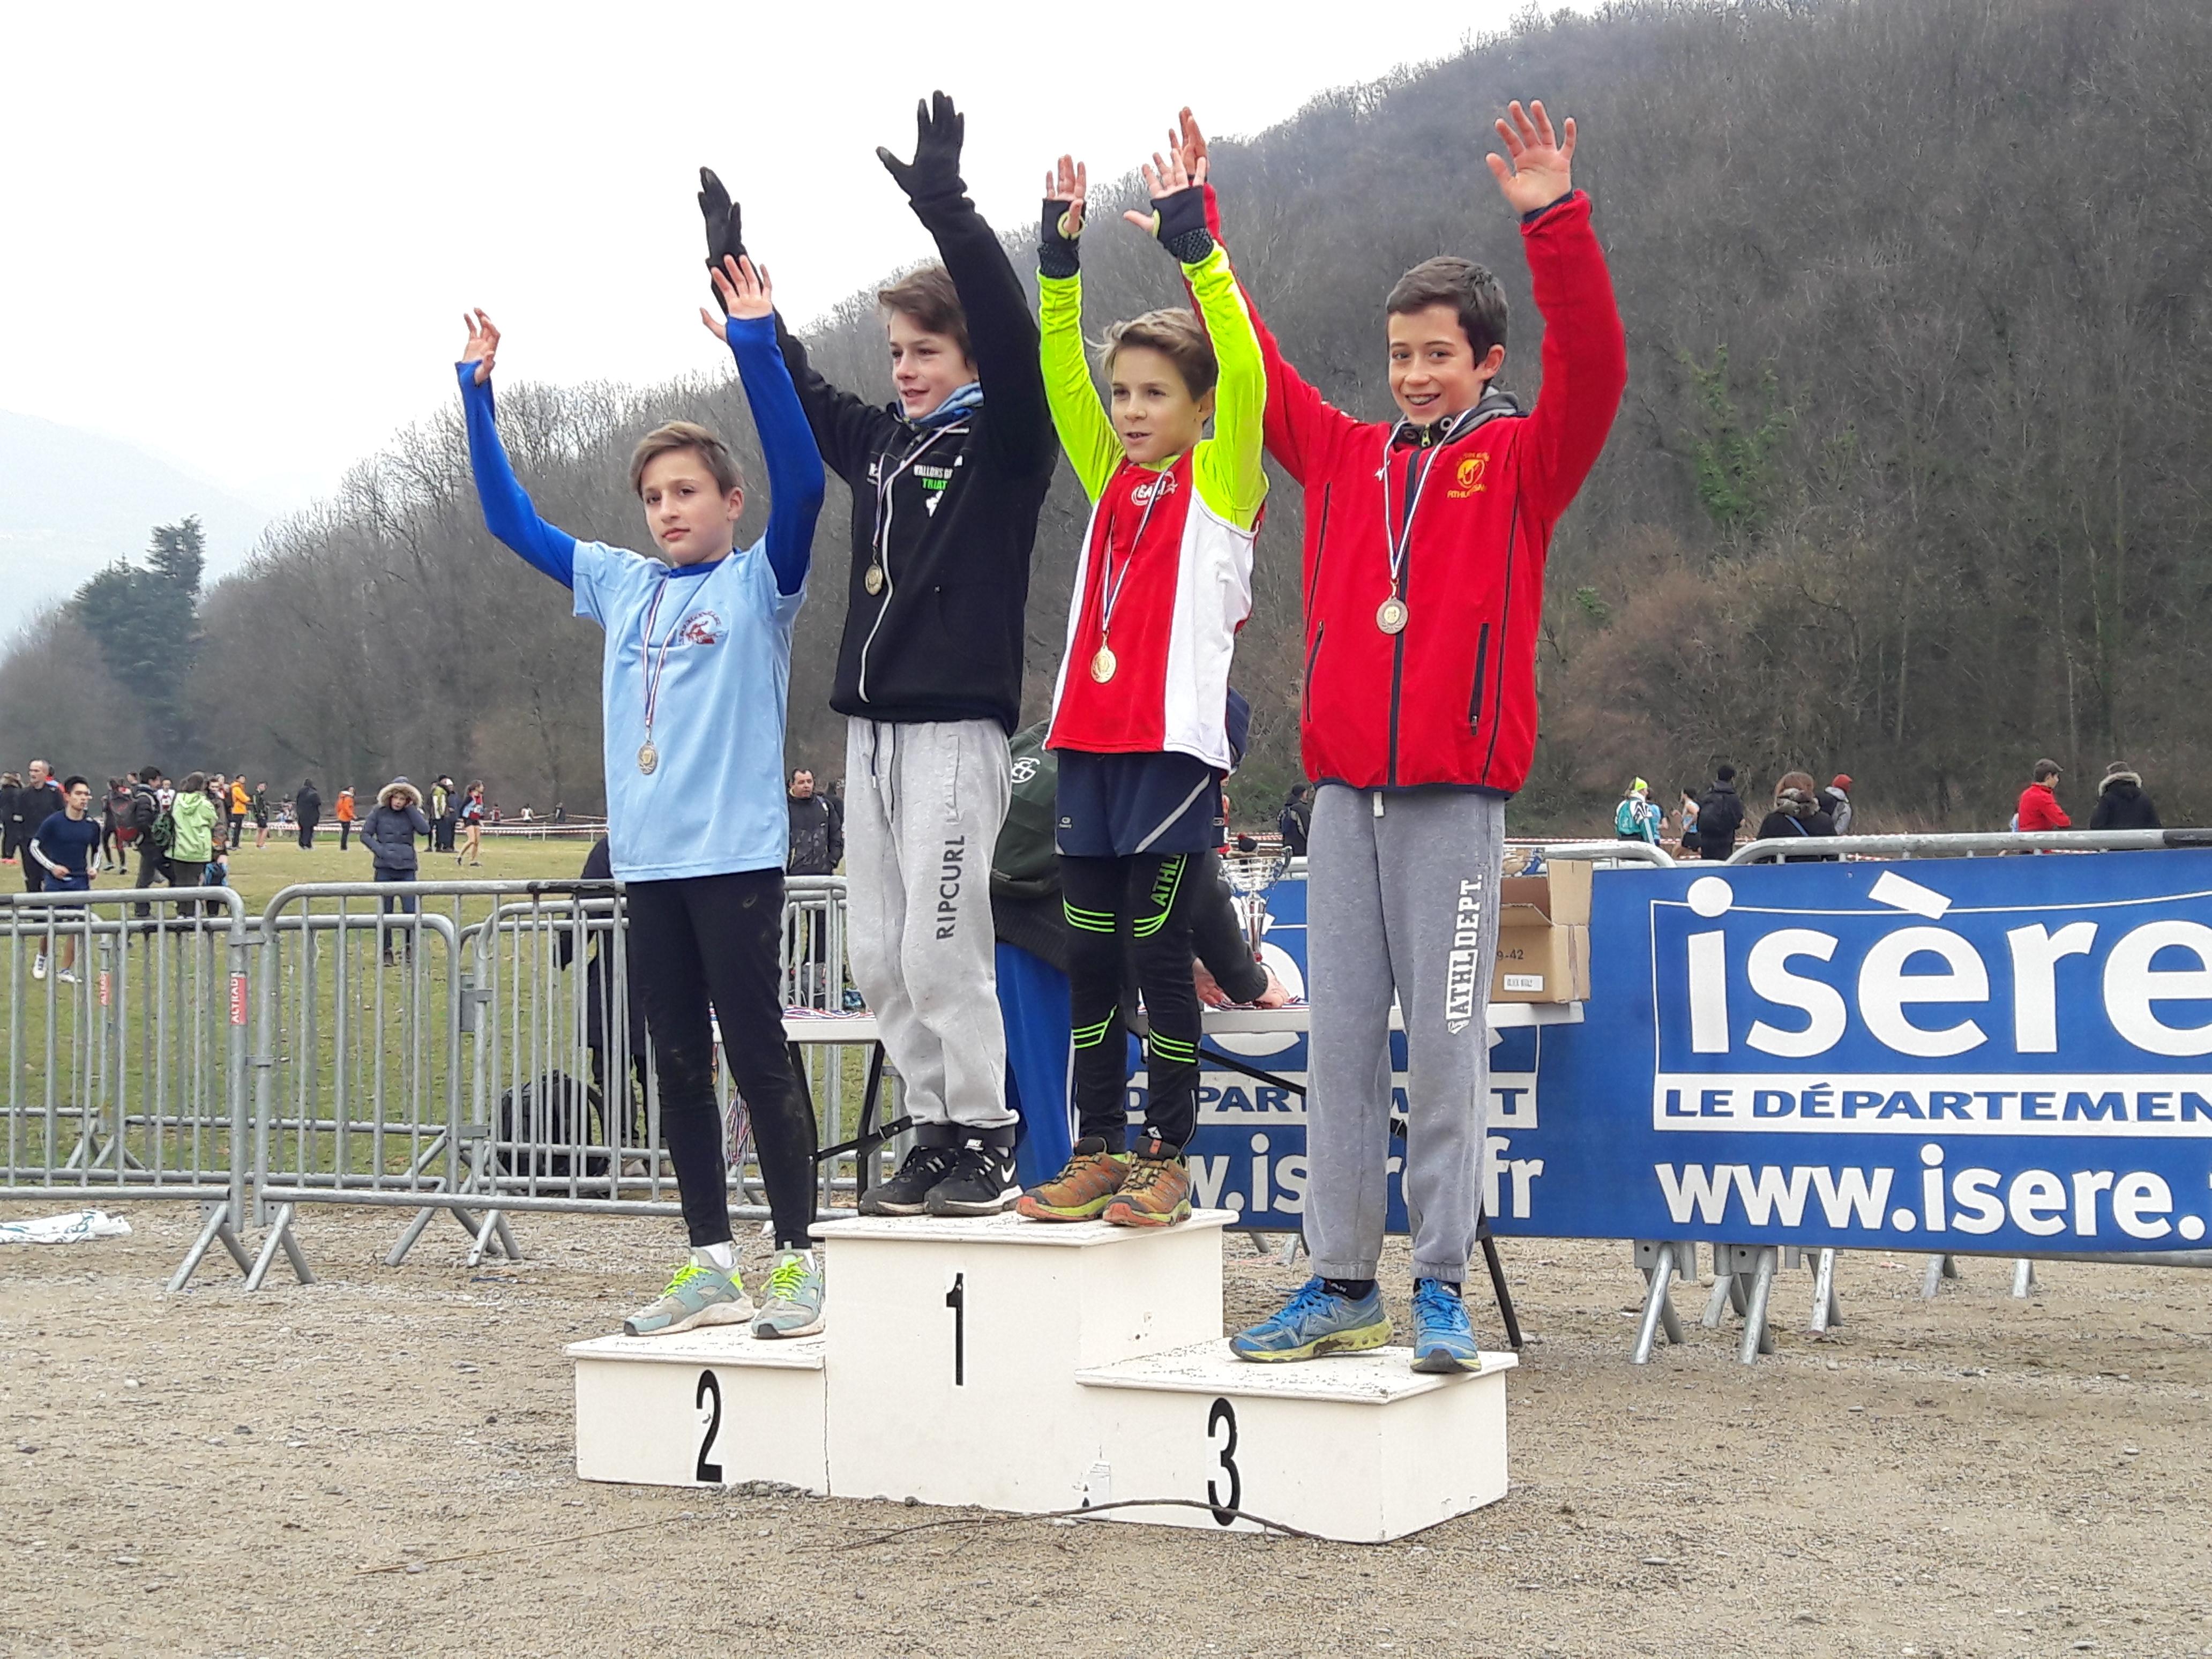 Championnats départementaux de cross 2018 podium benjamins